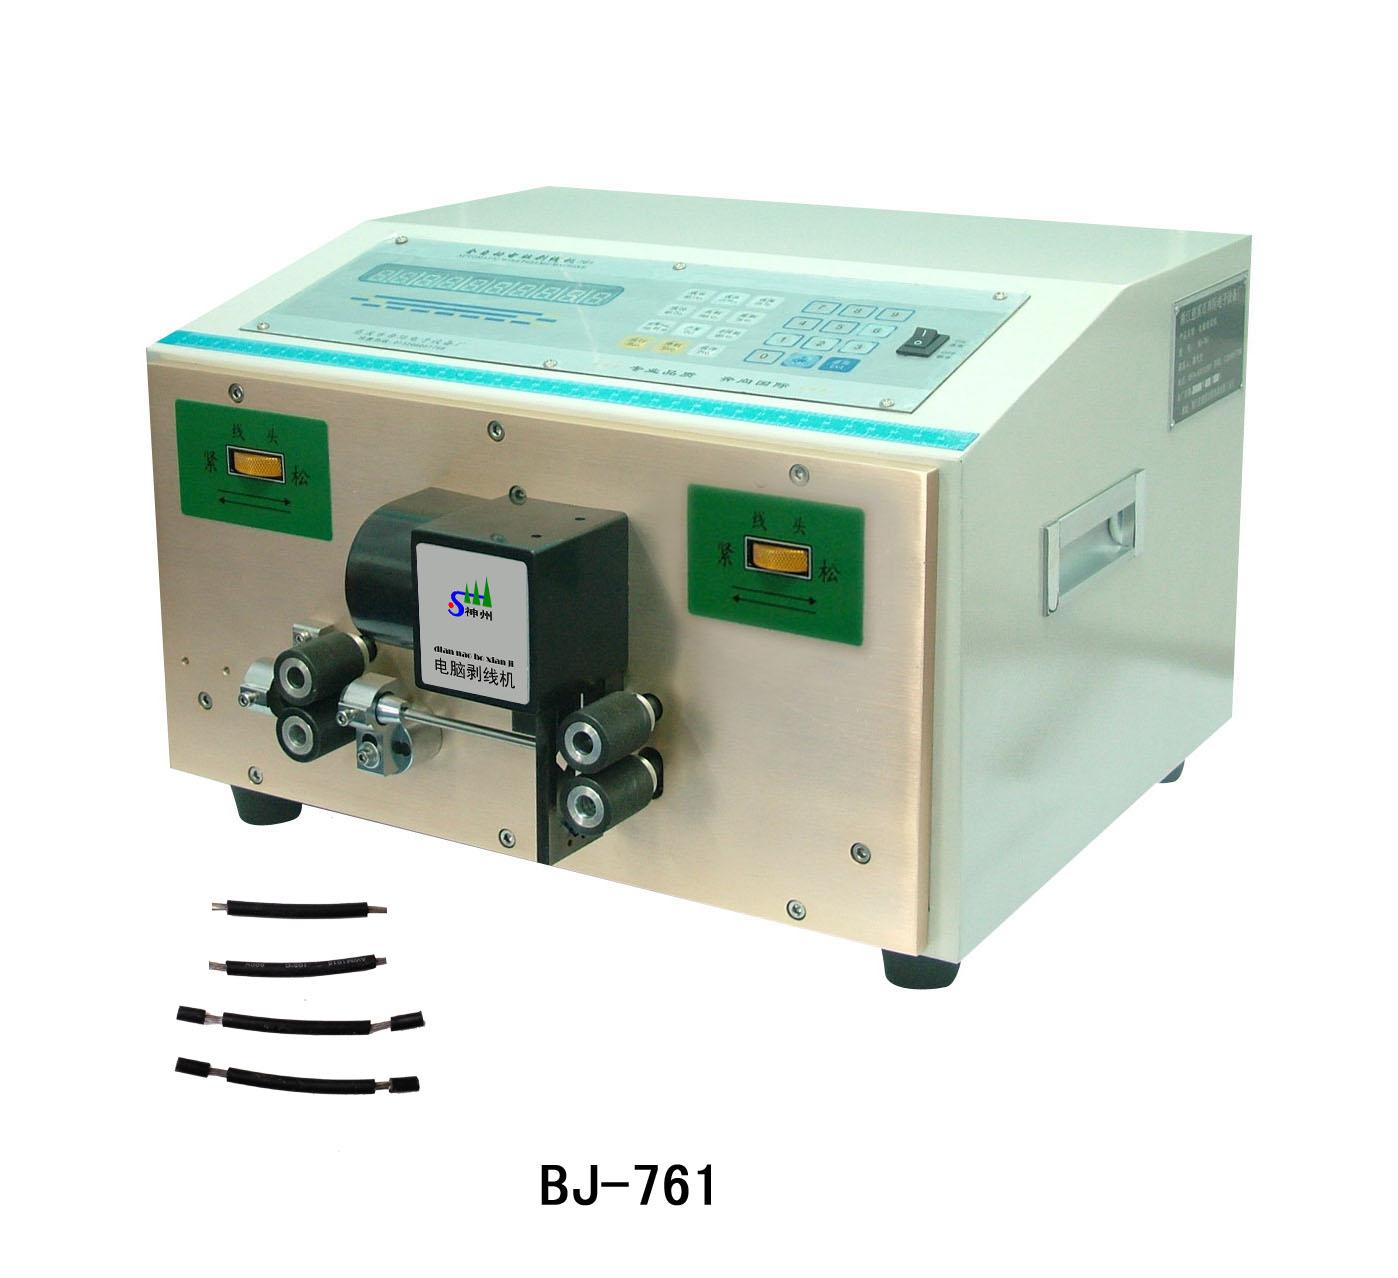 电子器械保险柜 电子器械保险柜批发、促销价格、产地货... 阿里巴巴